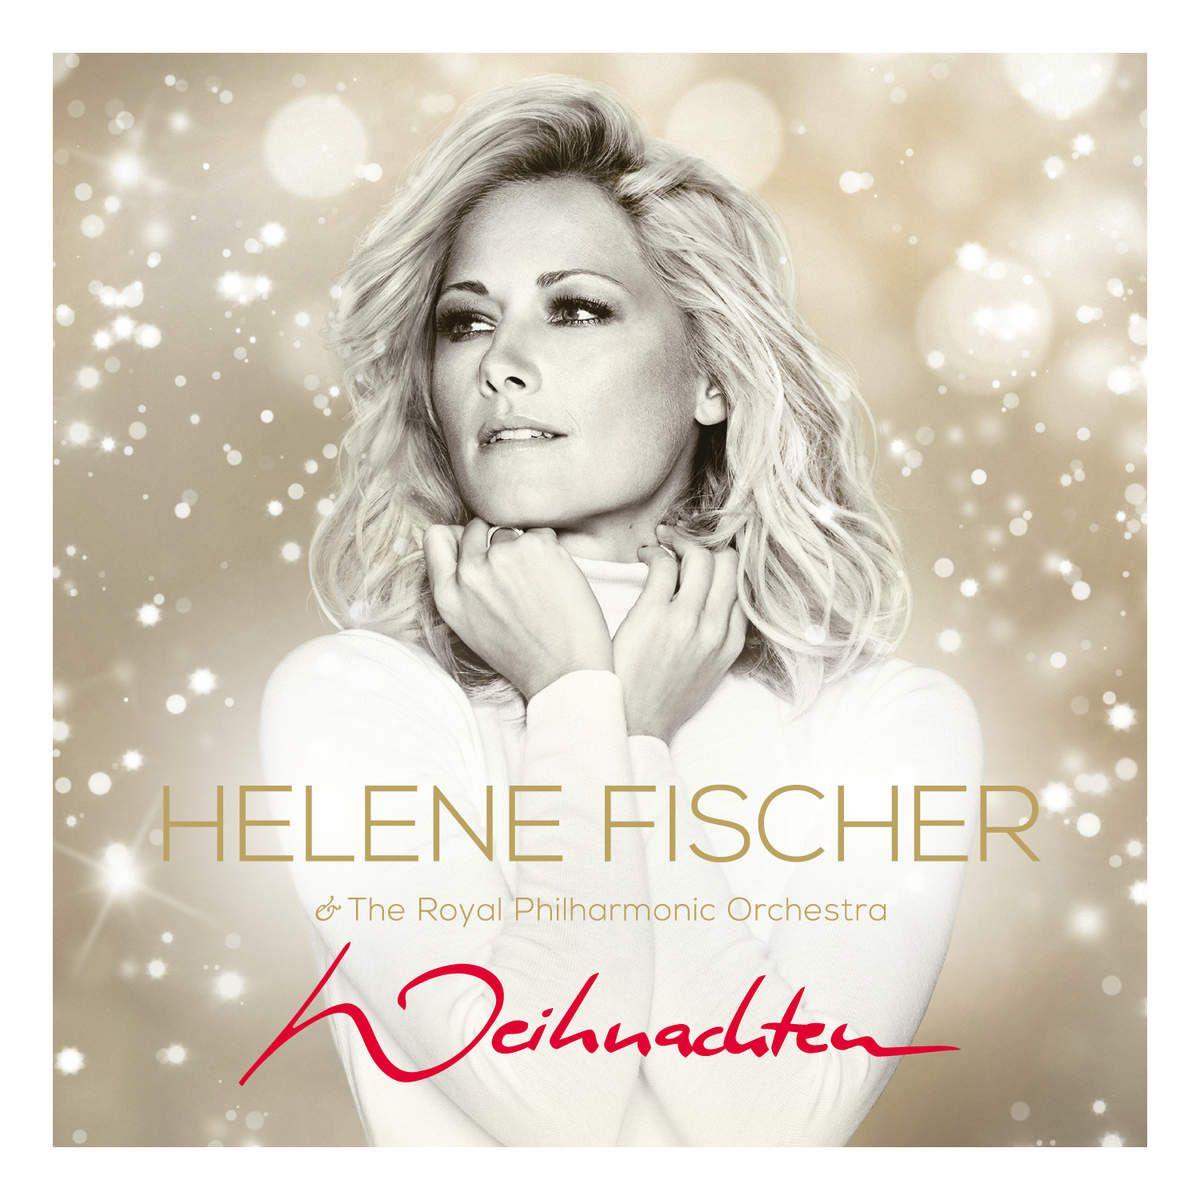 Helene Fischer - Weihnachten album cover